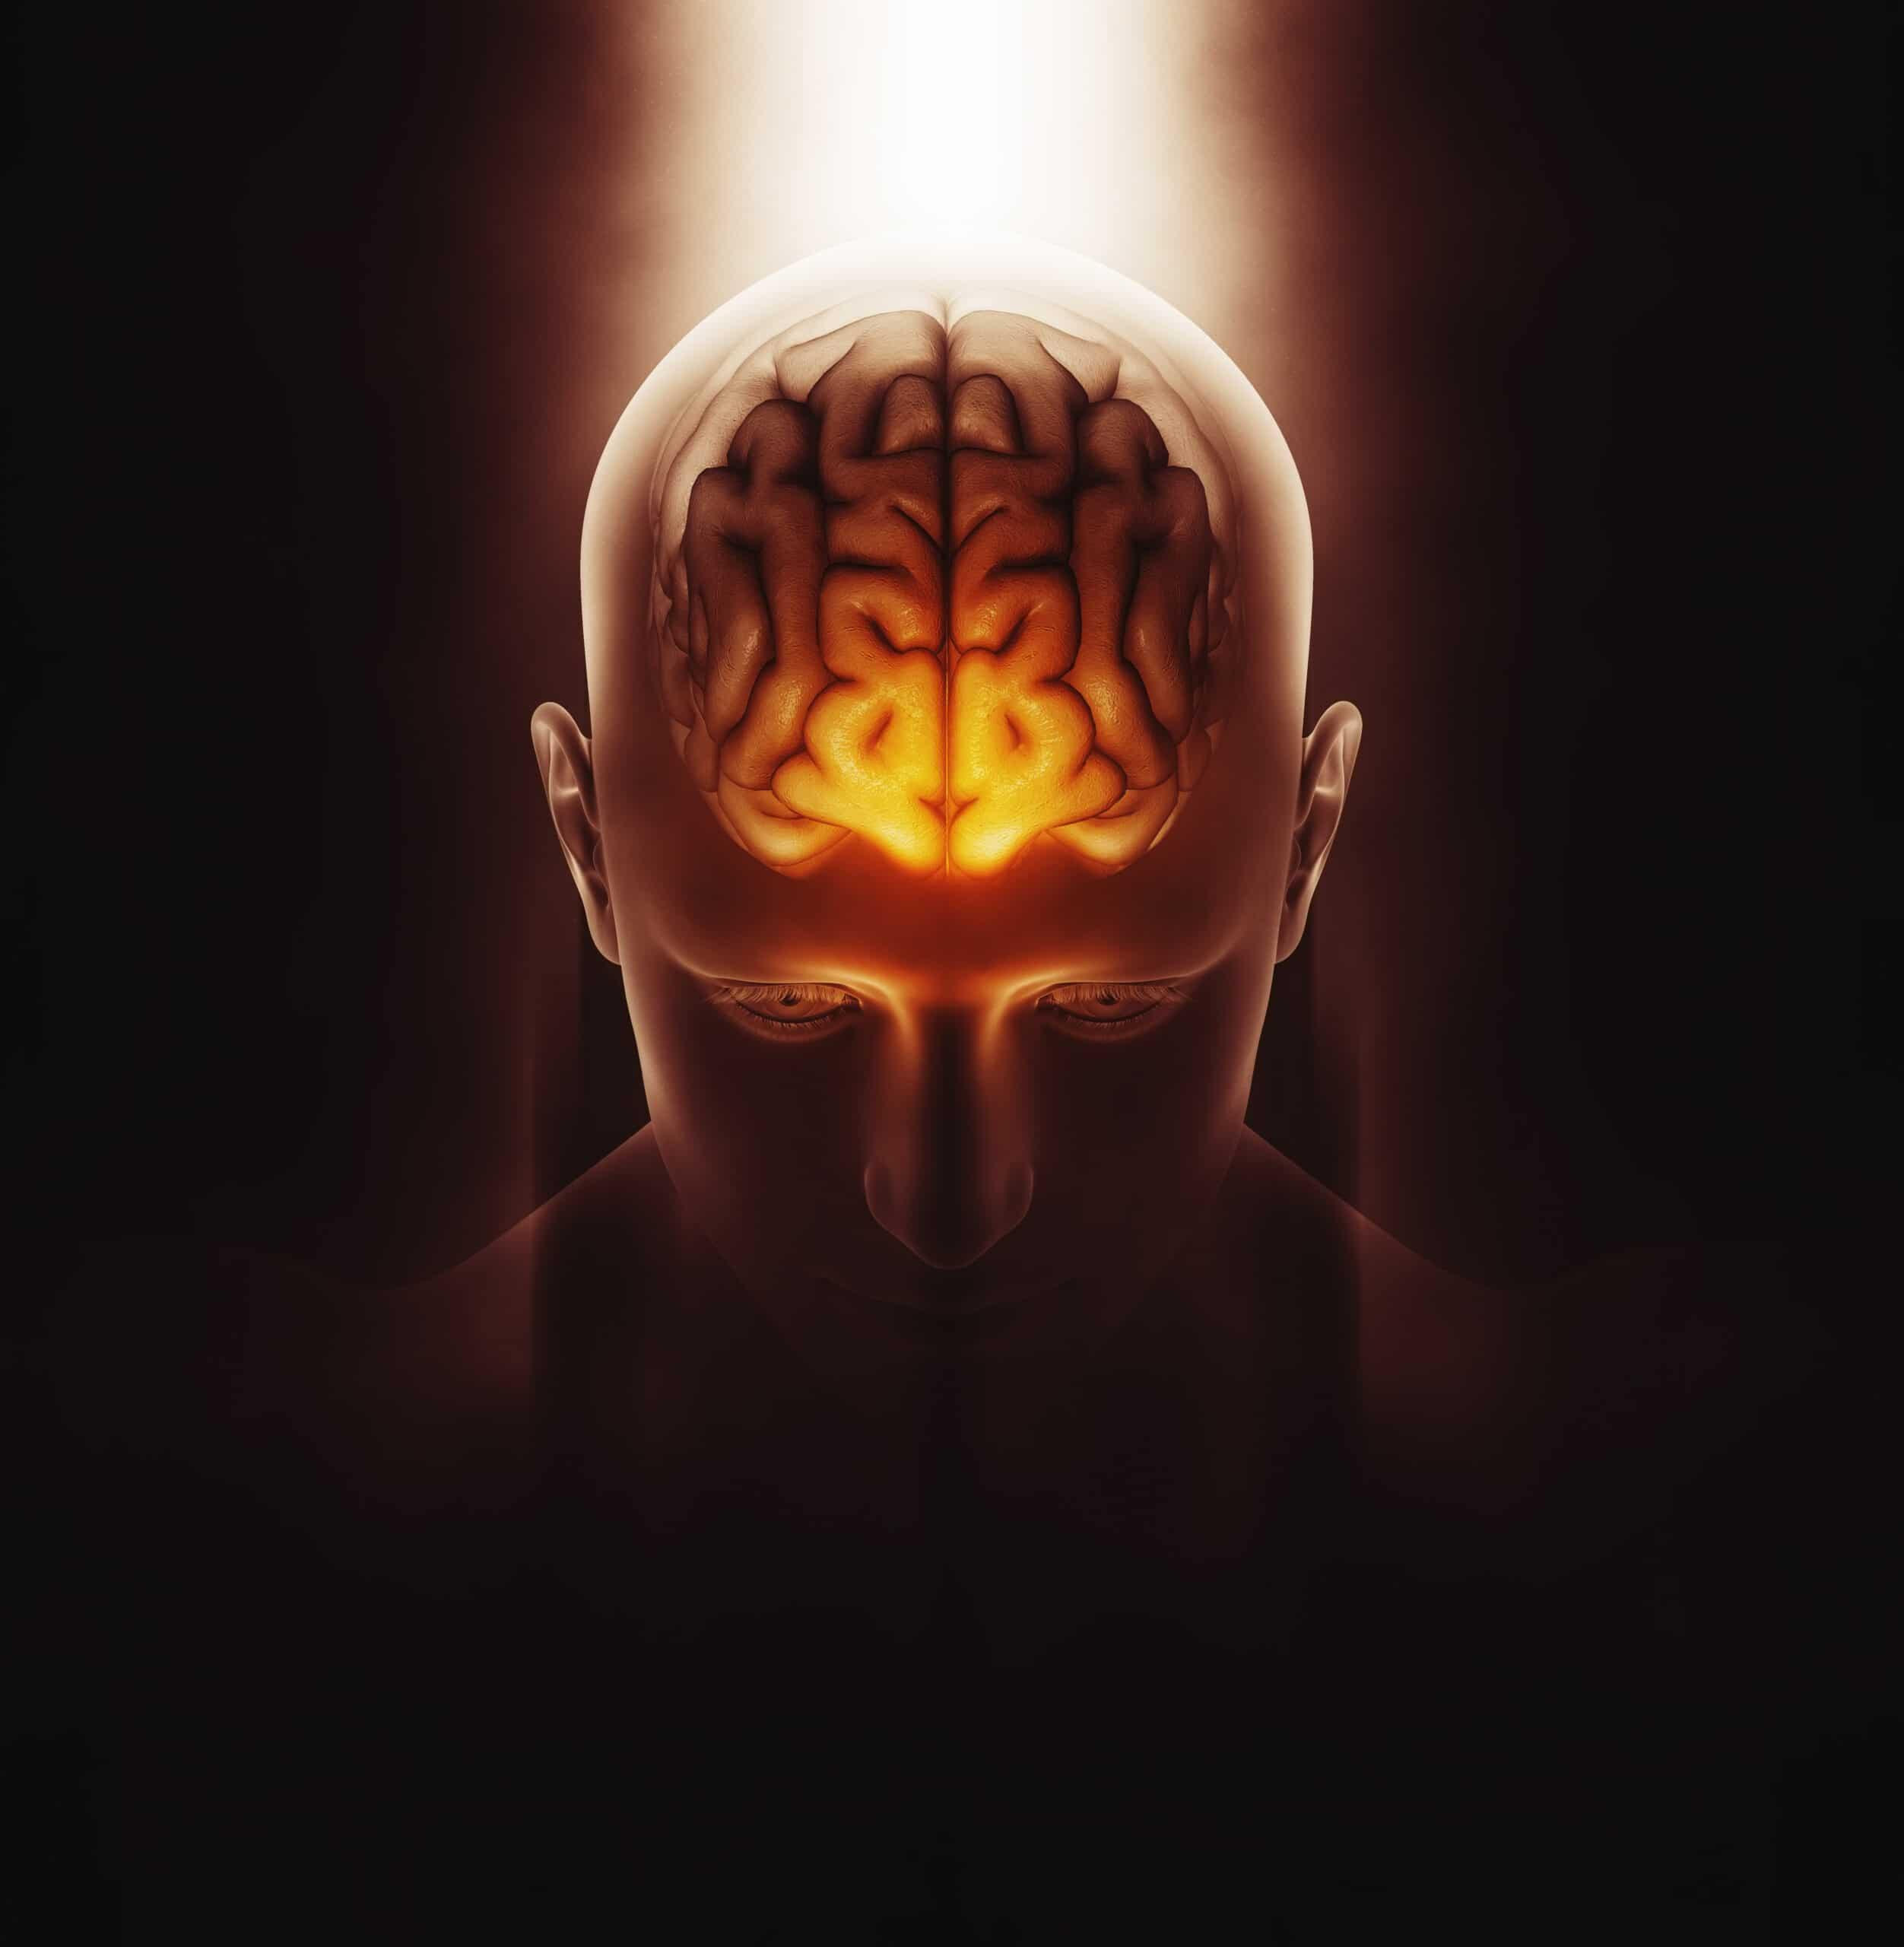 Niedoczynność przysadki mózgowej – przyczyny, objawy, formy leczenia